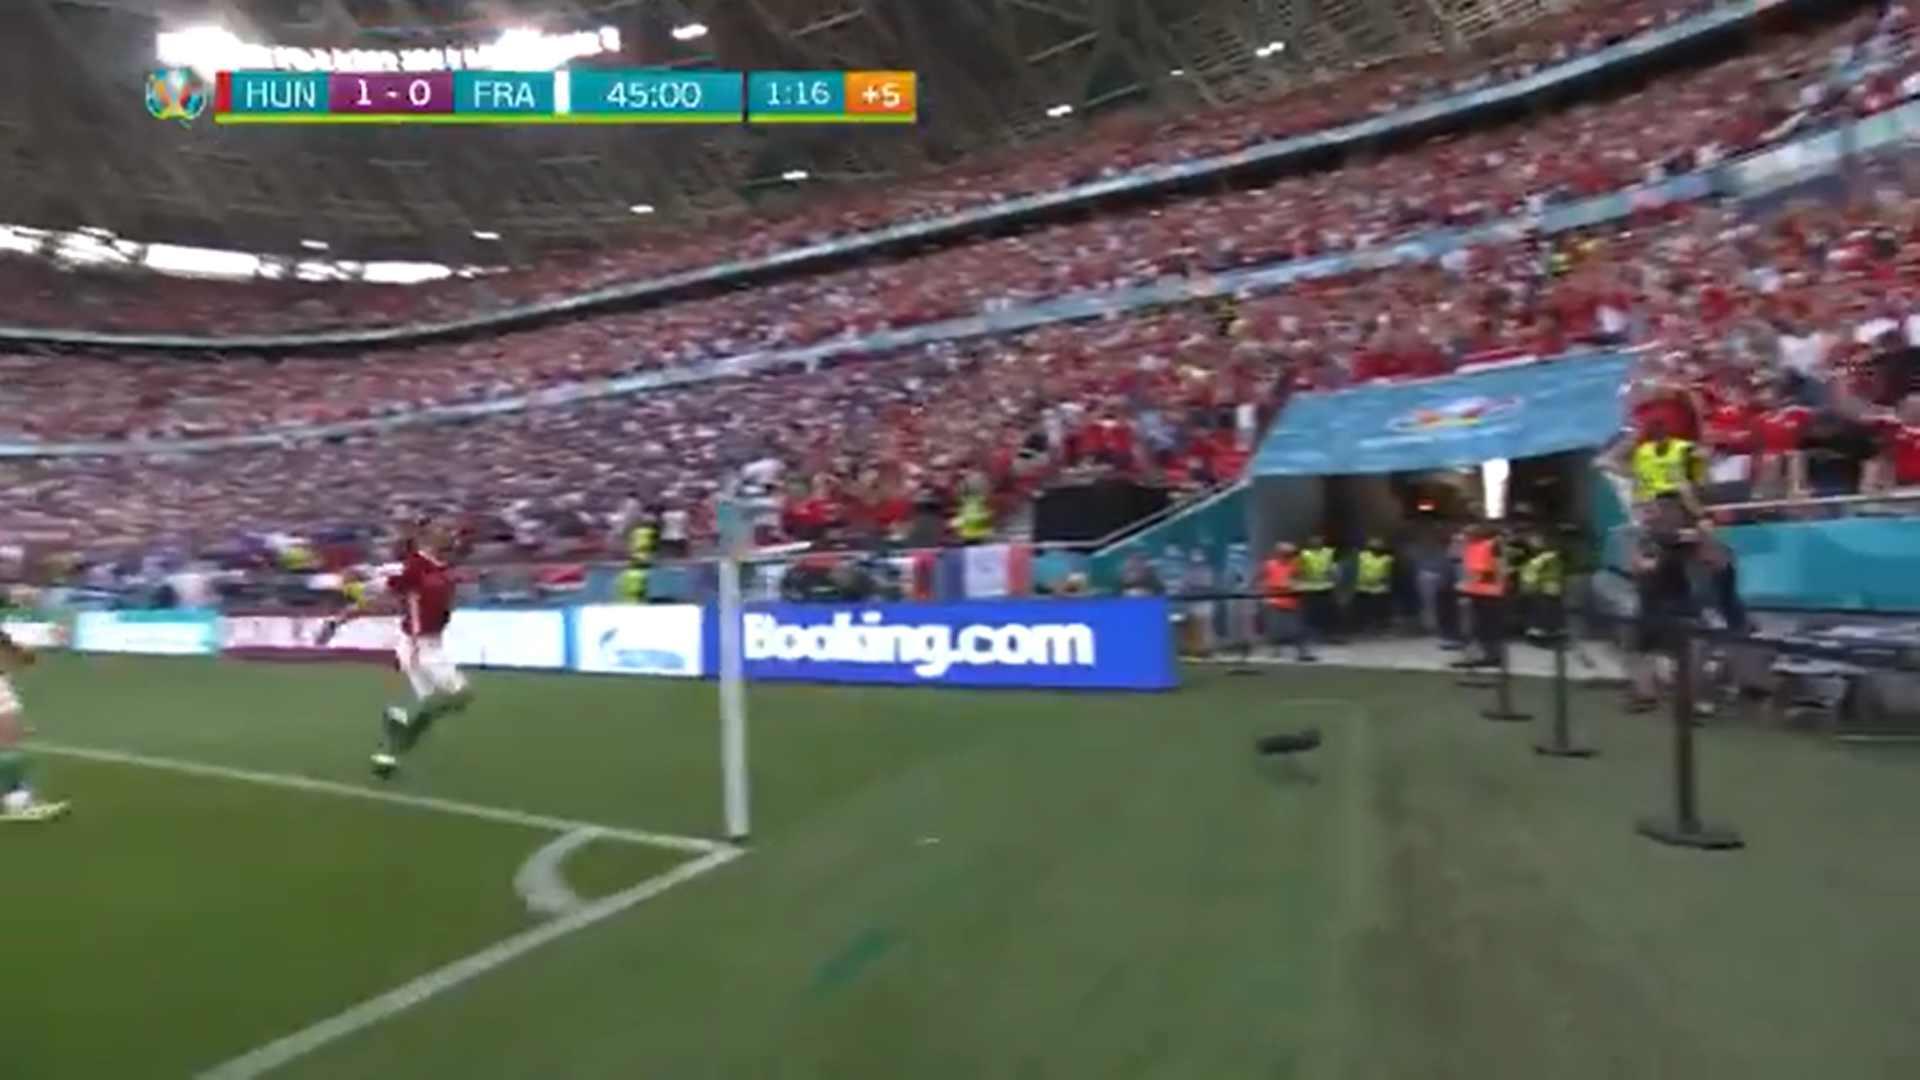 Węgry - Francja podczas Euro 2020.